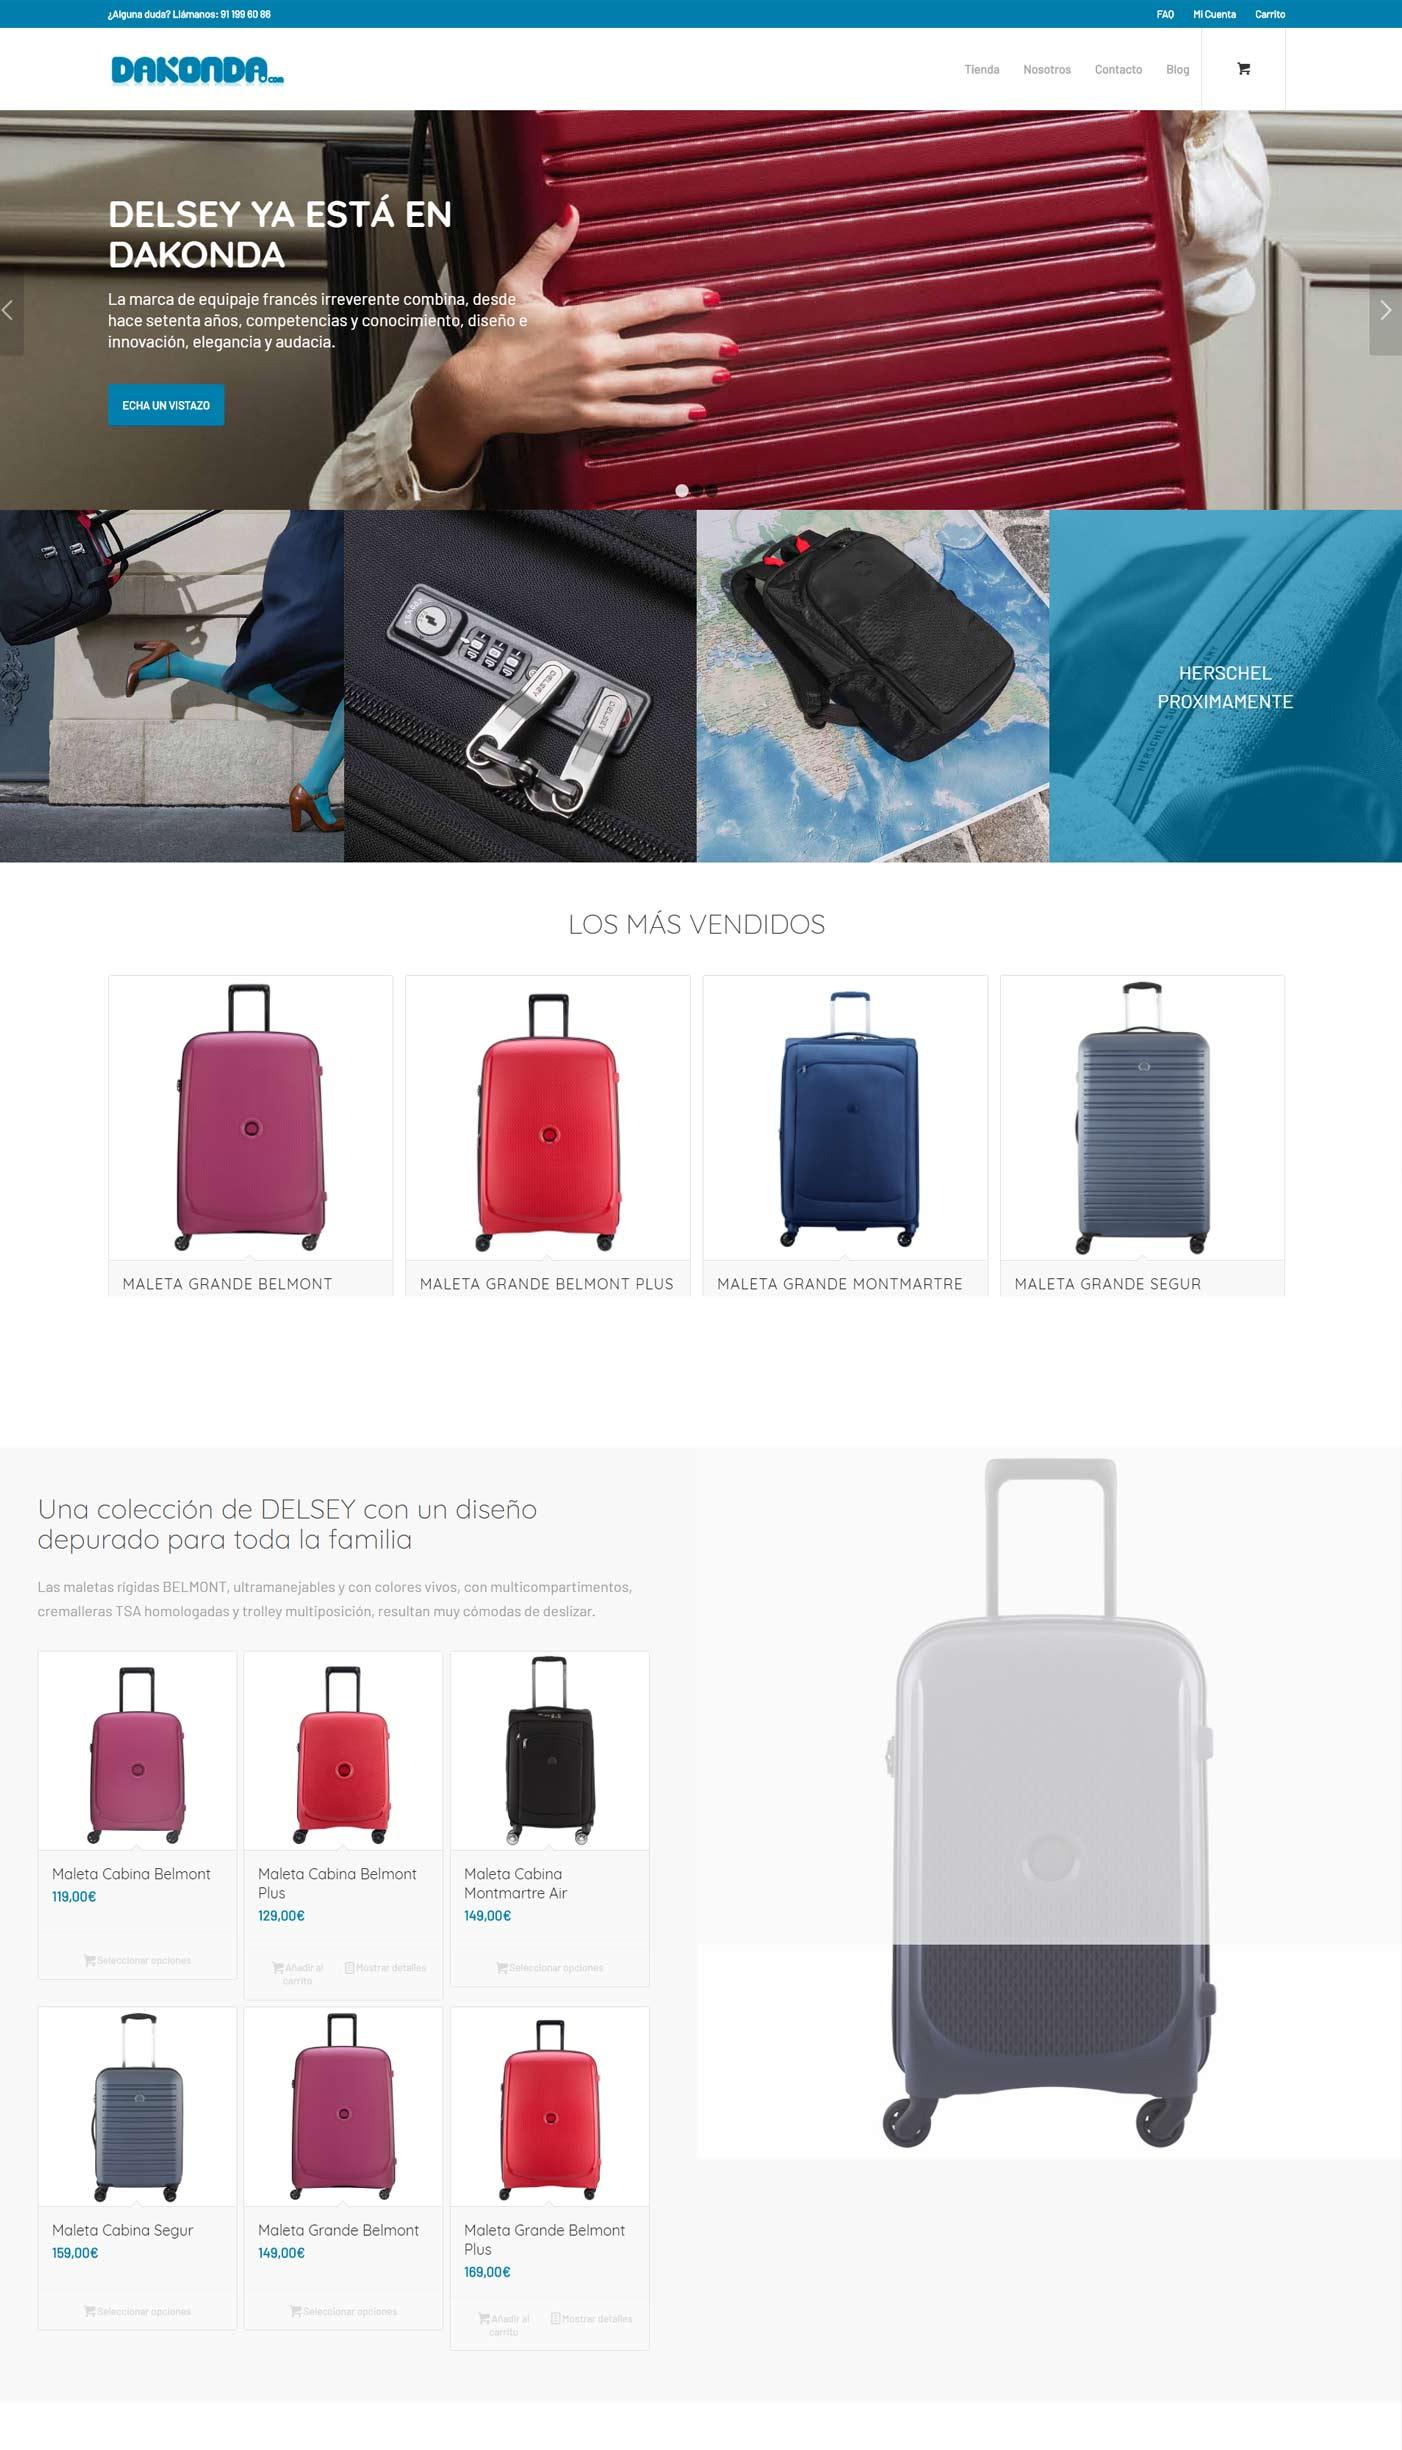 Diseño ecommerce Dakonda